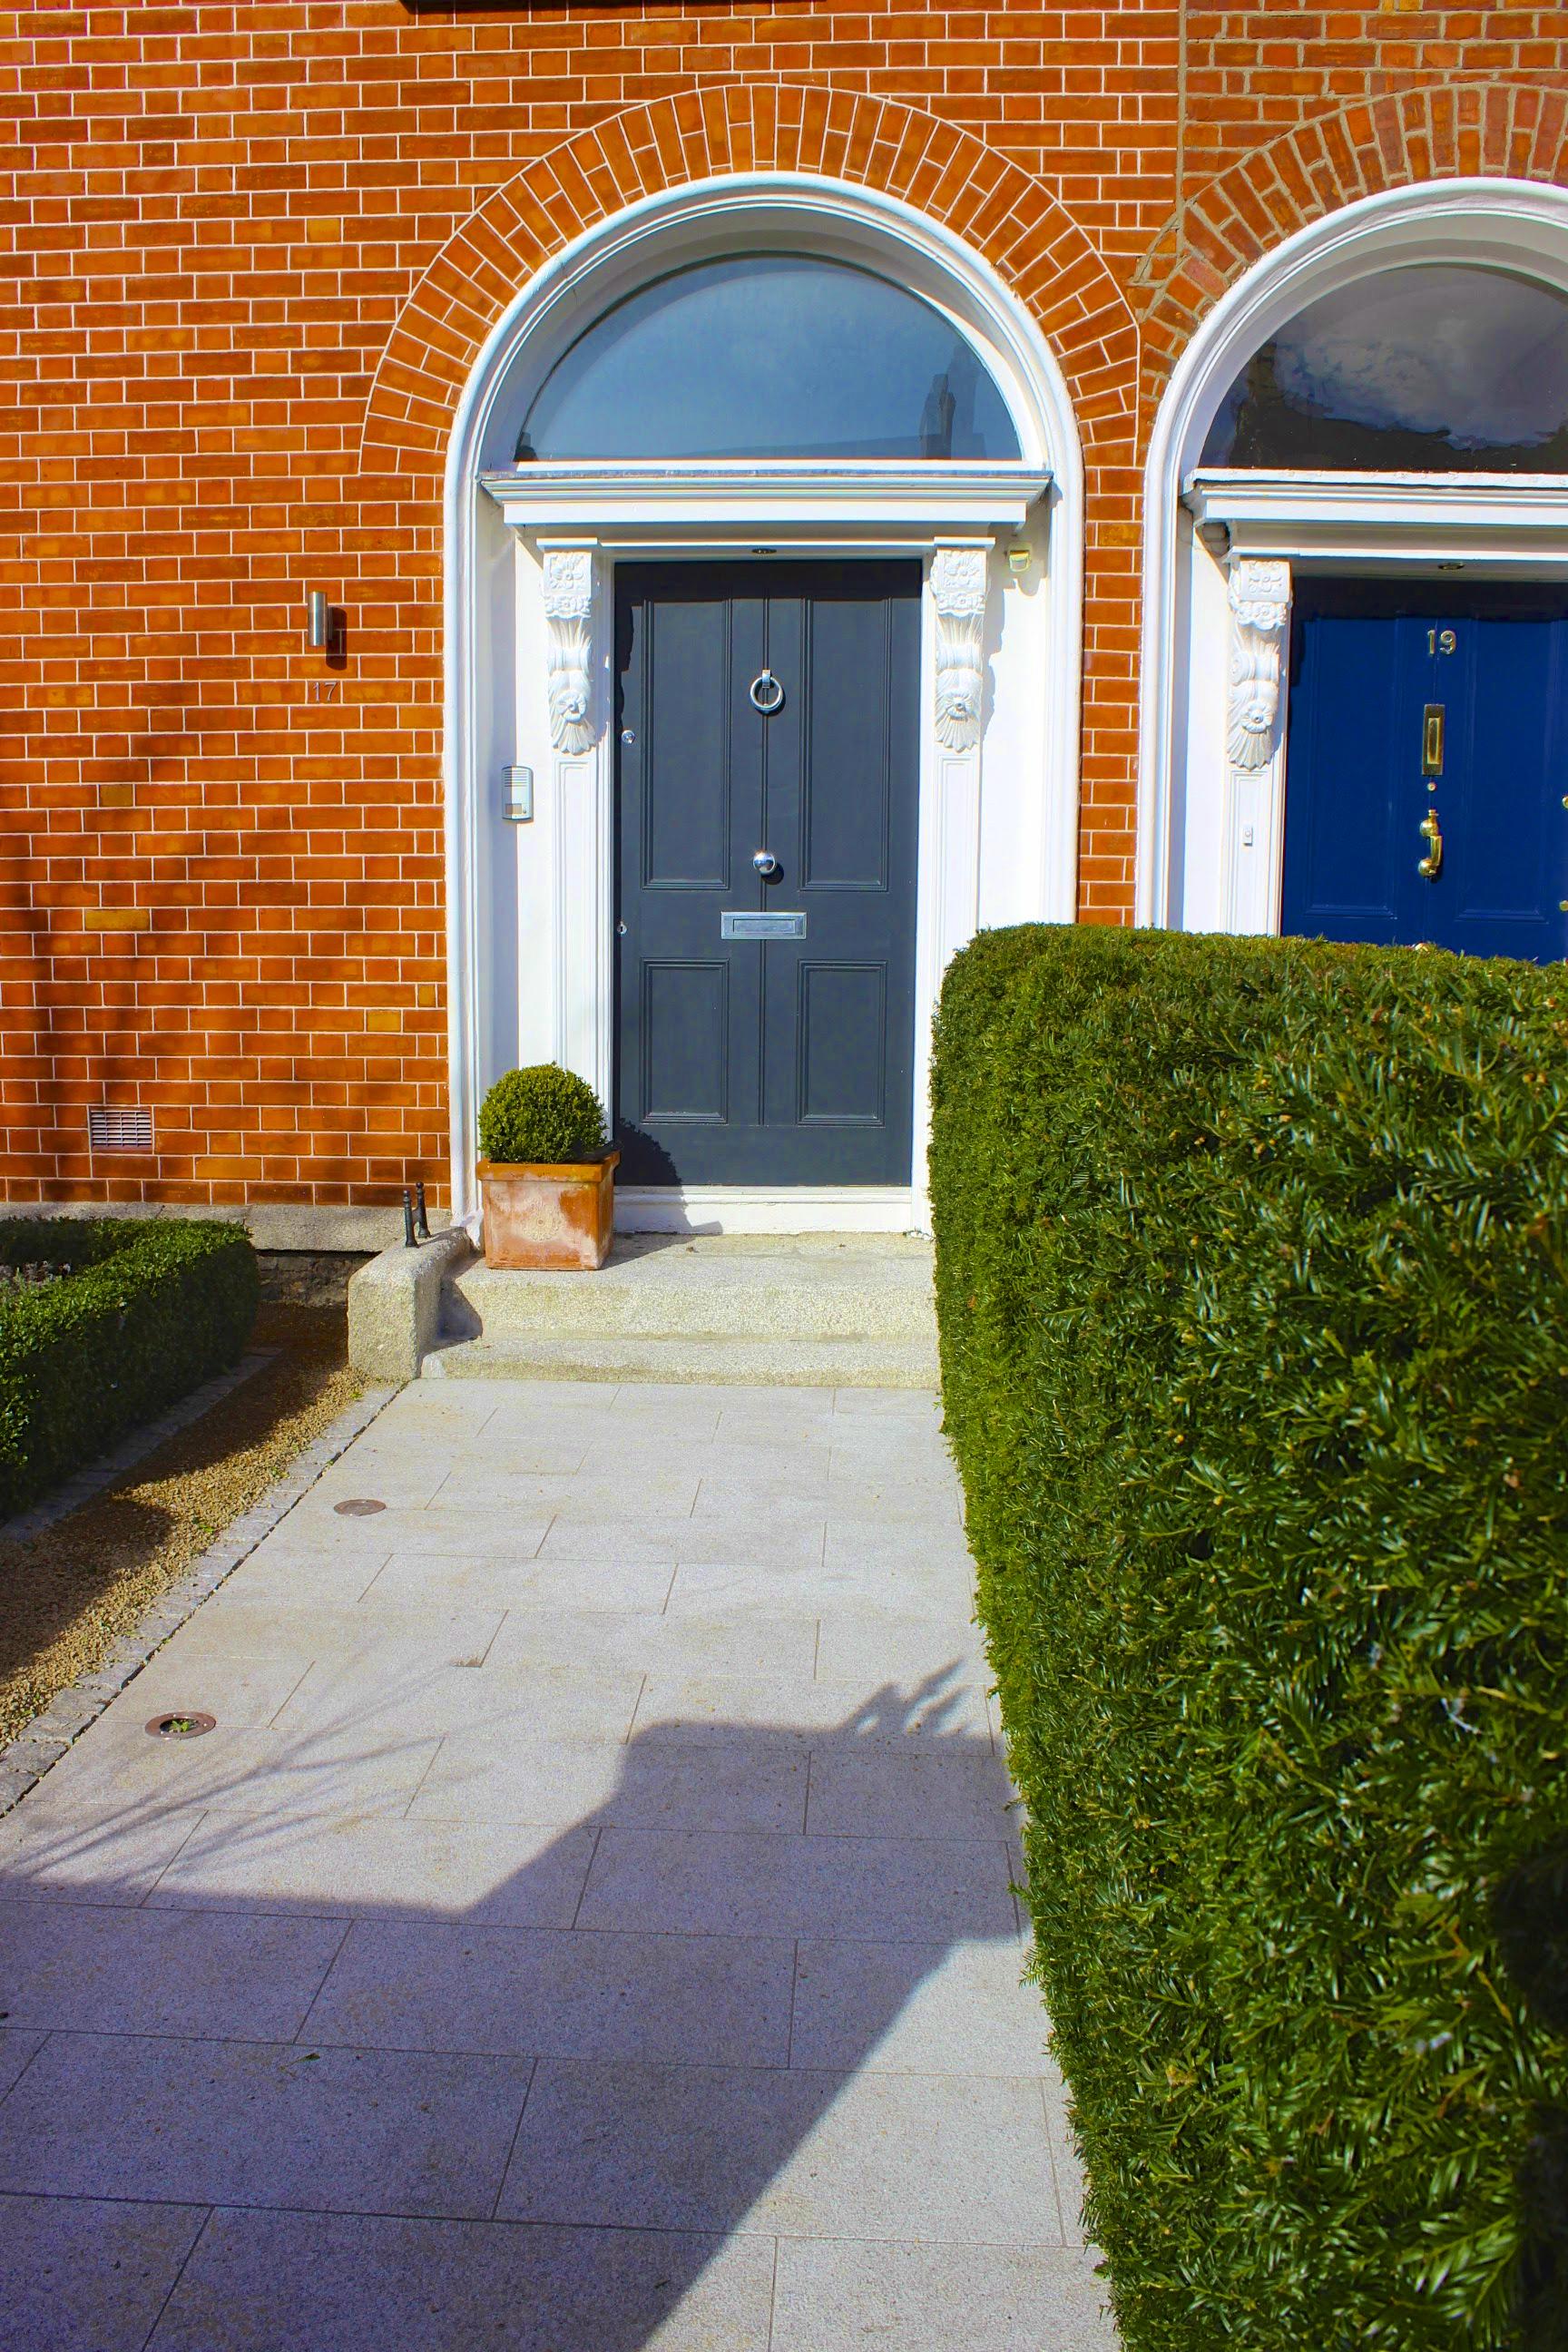 Garden Path to door